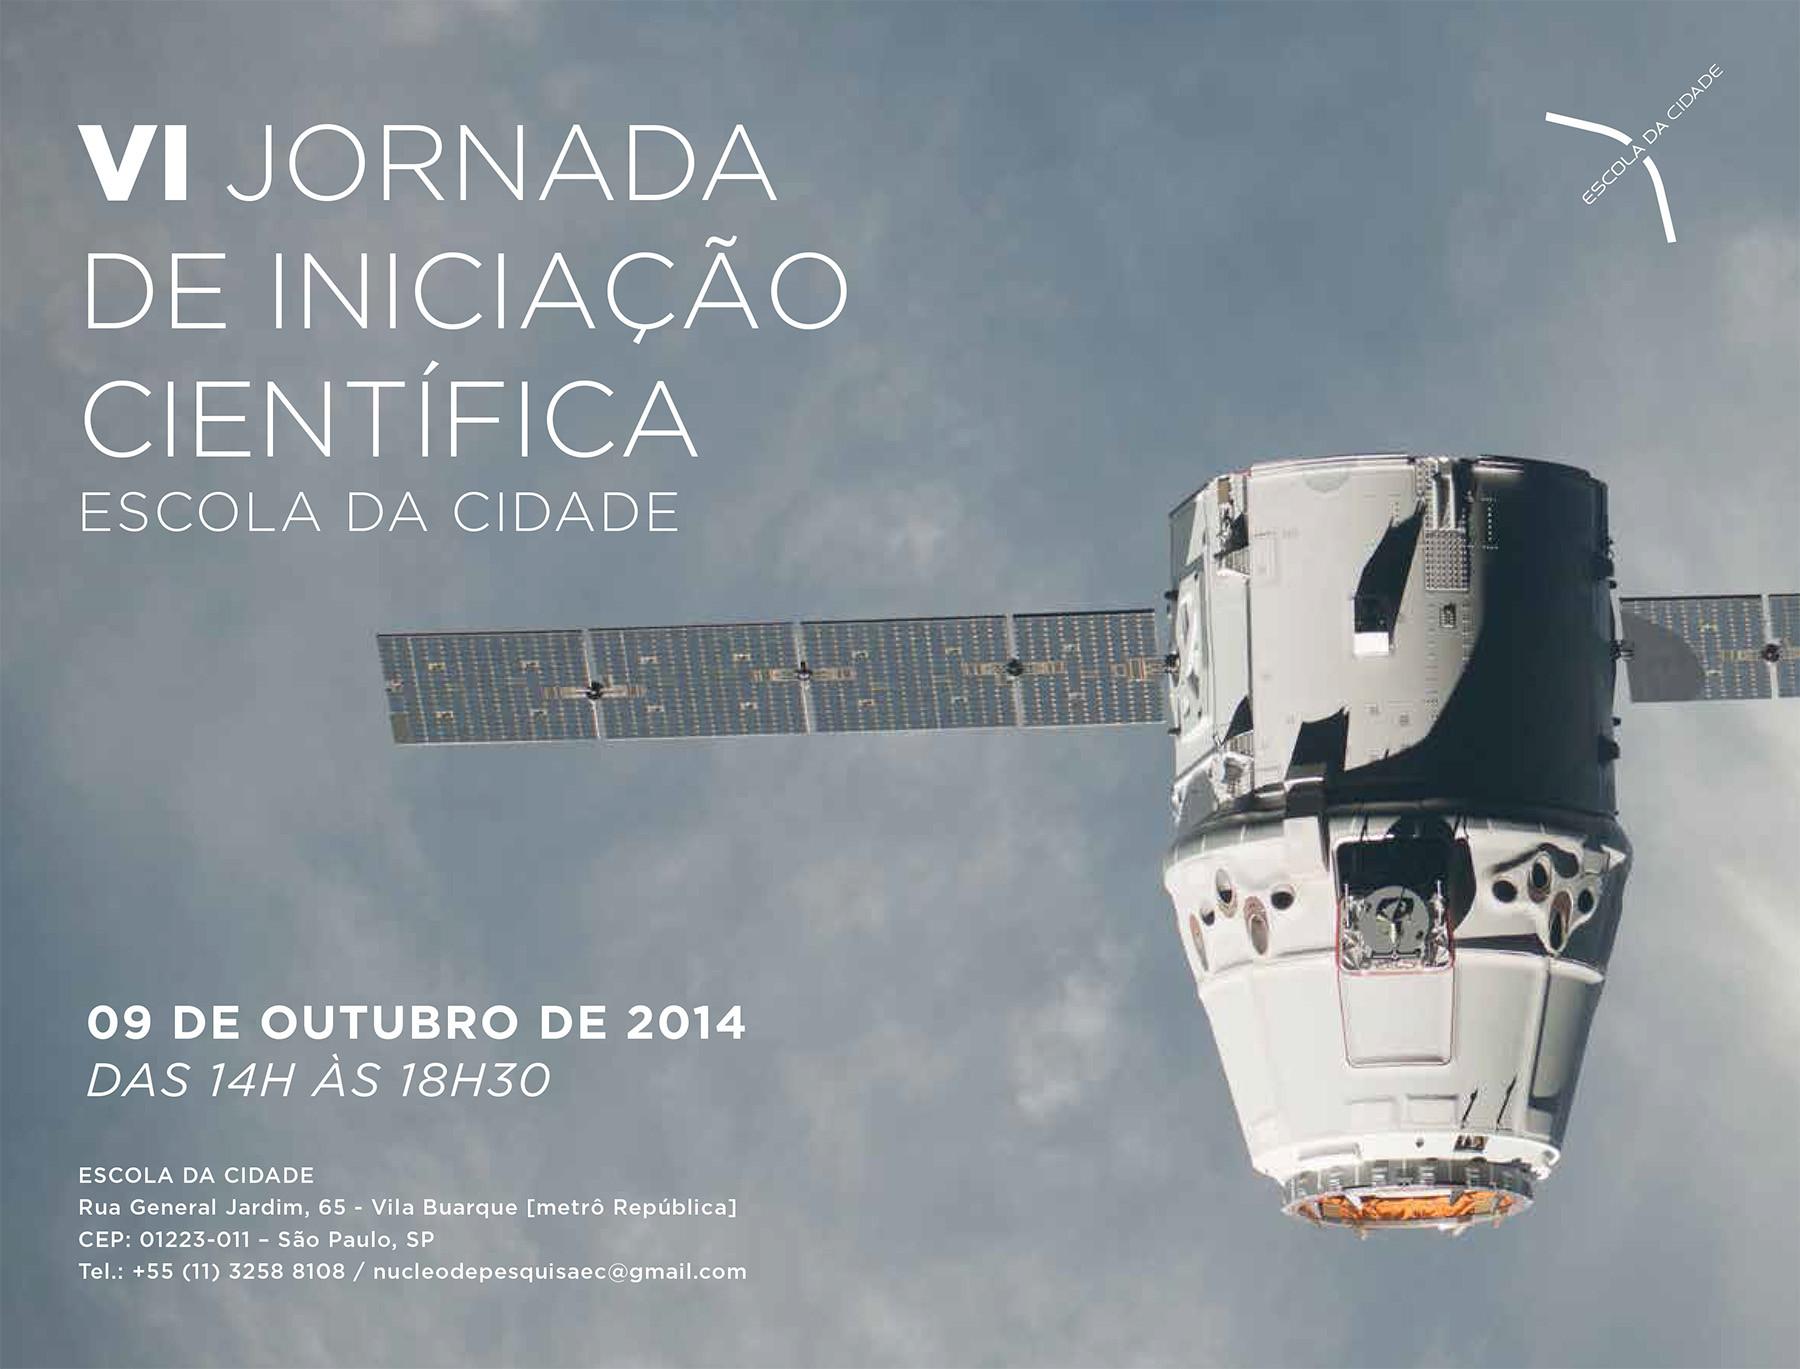 Escola da Cidade promove VI Jornada de Iniciação Científica, Cortesia de Escola da Cidade